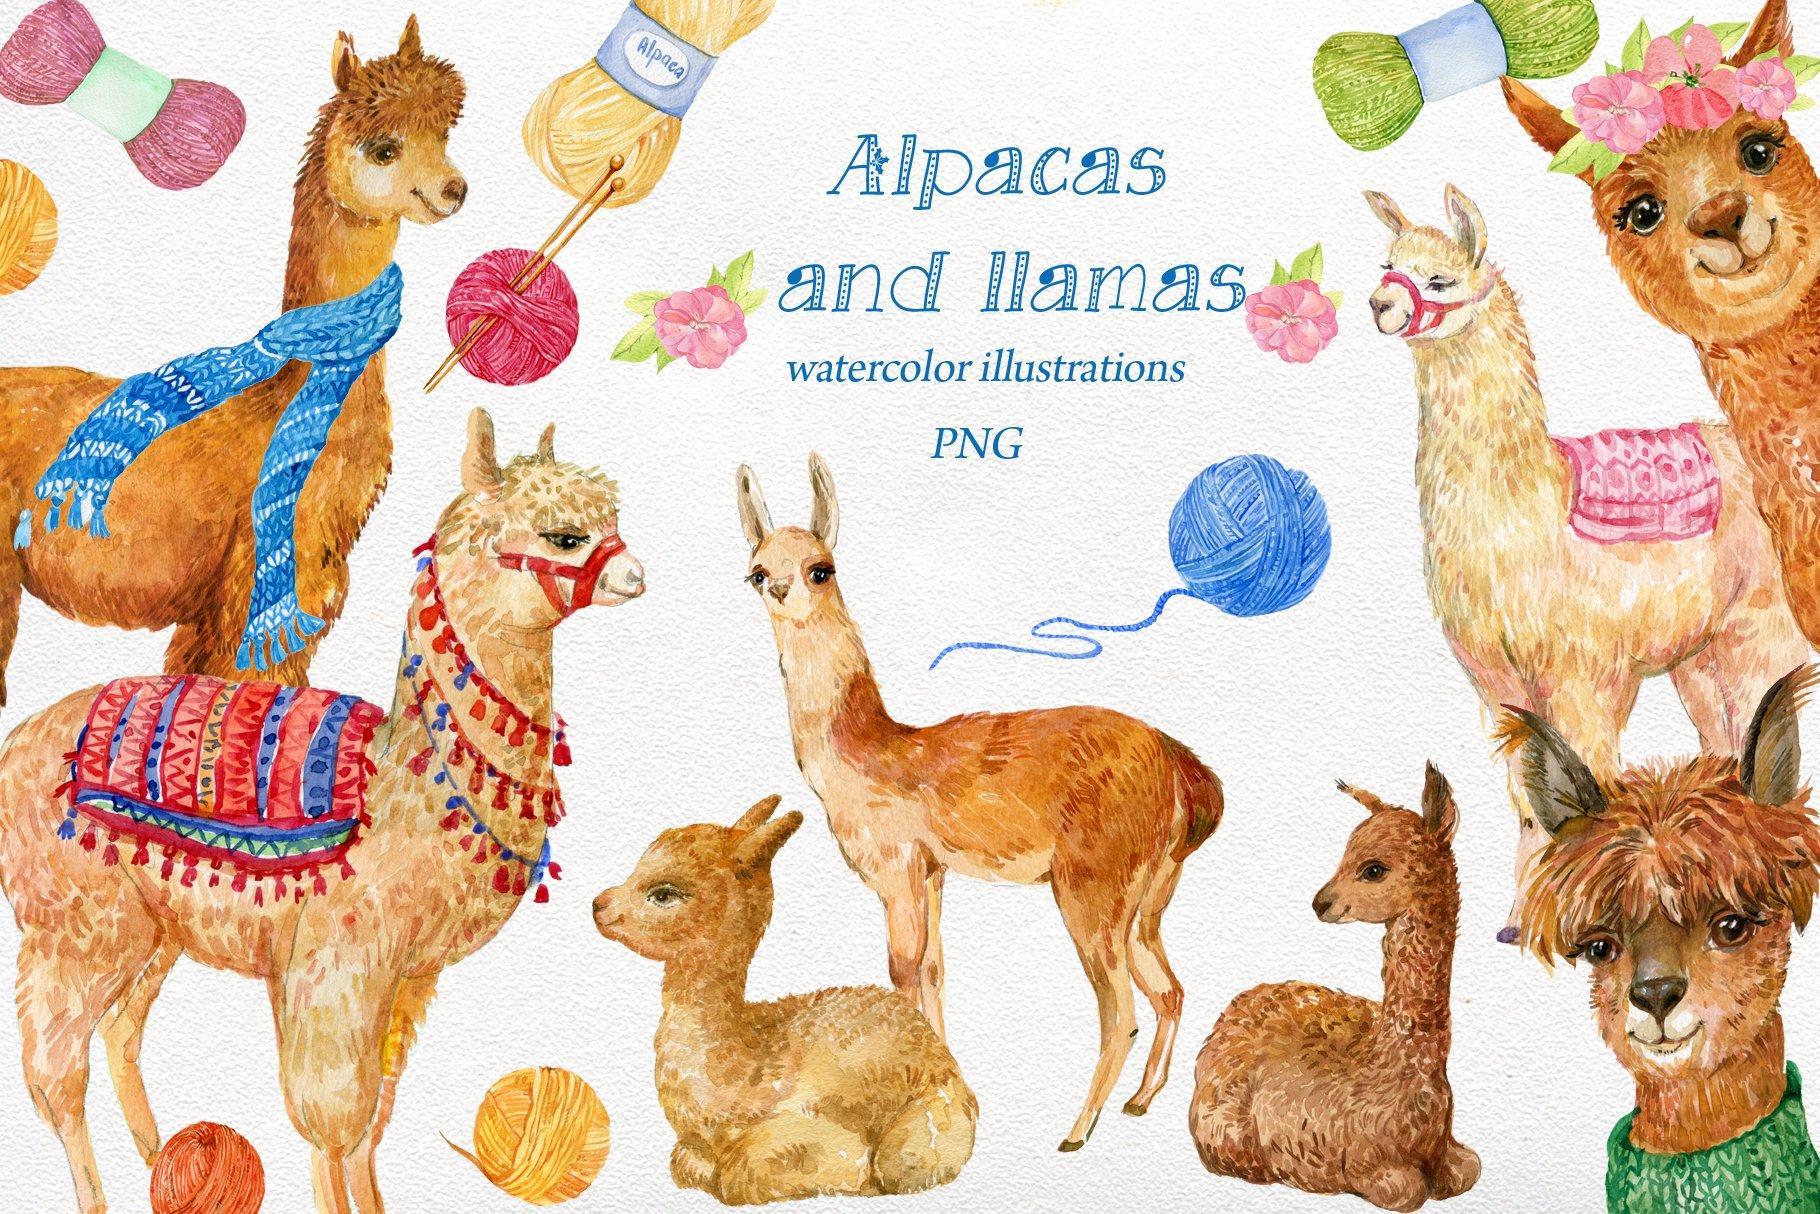 Alpacas and llamas .watercolor